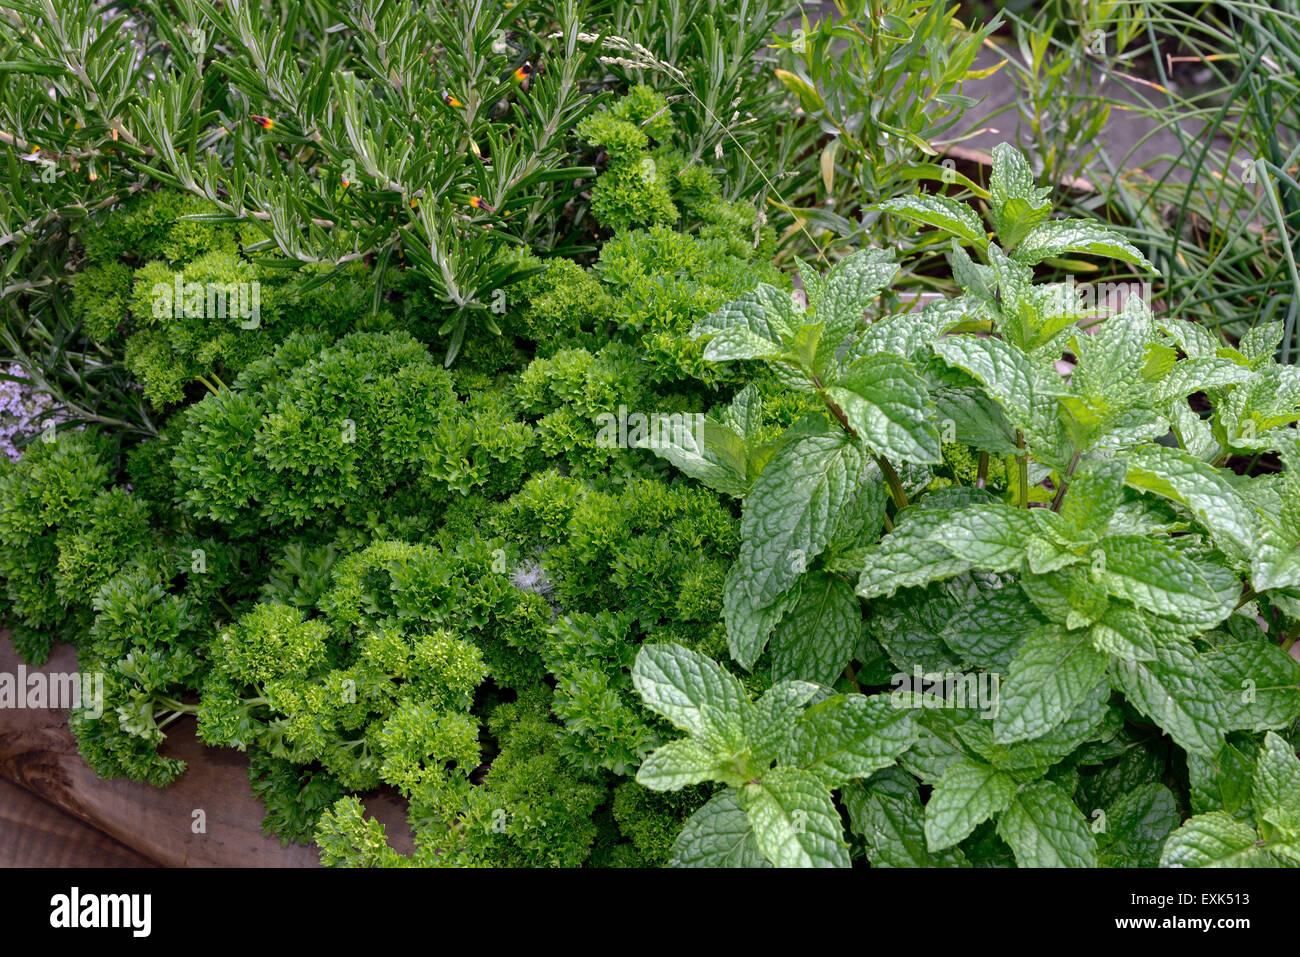 Cama levantada de hierbas culinarias, menta, perejil de hoja rizada y romero para su uso en la cocina Imagen De Stock